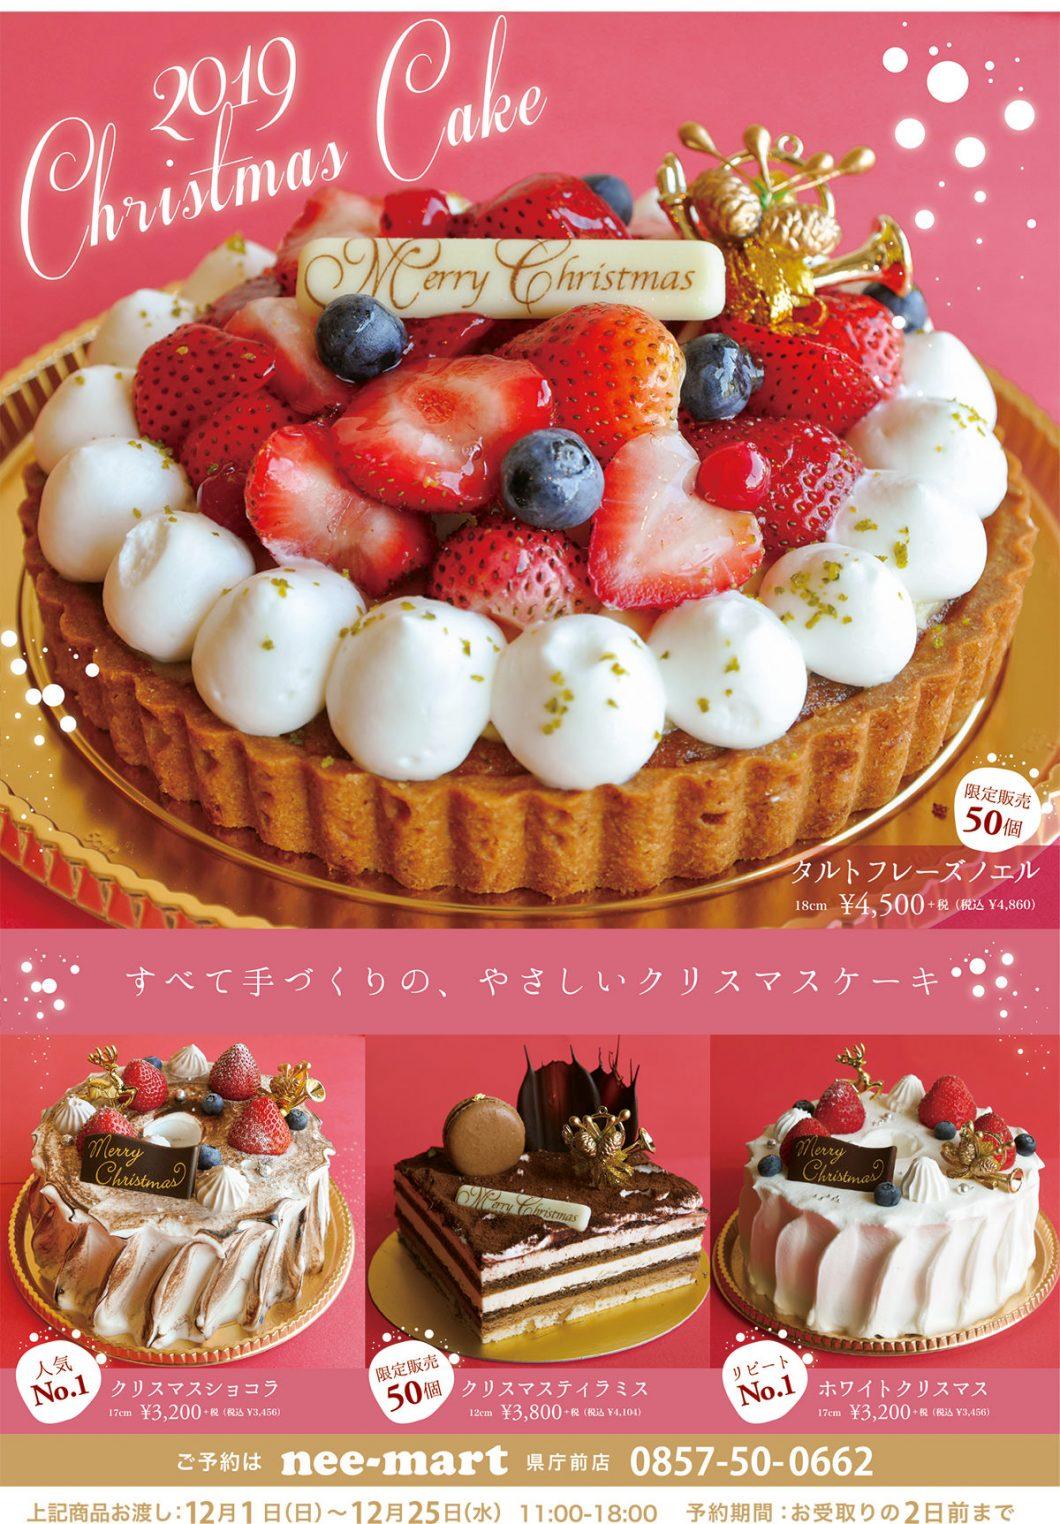 鳥取 クリスマスケーキ 予約